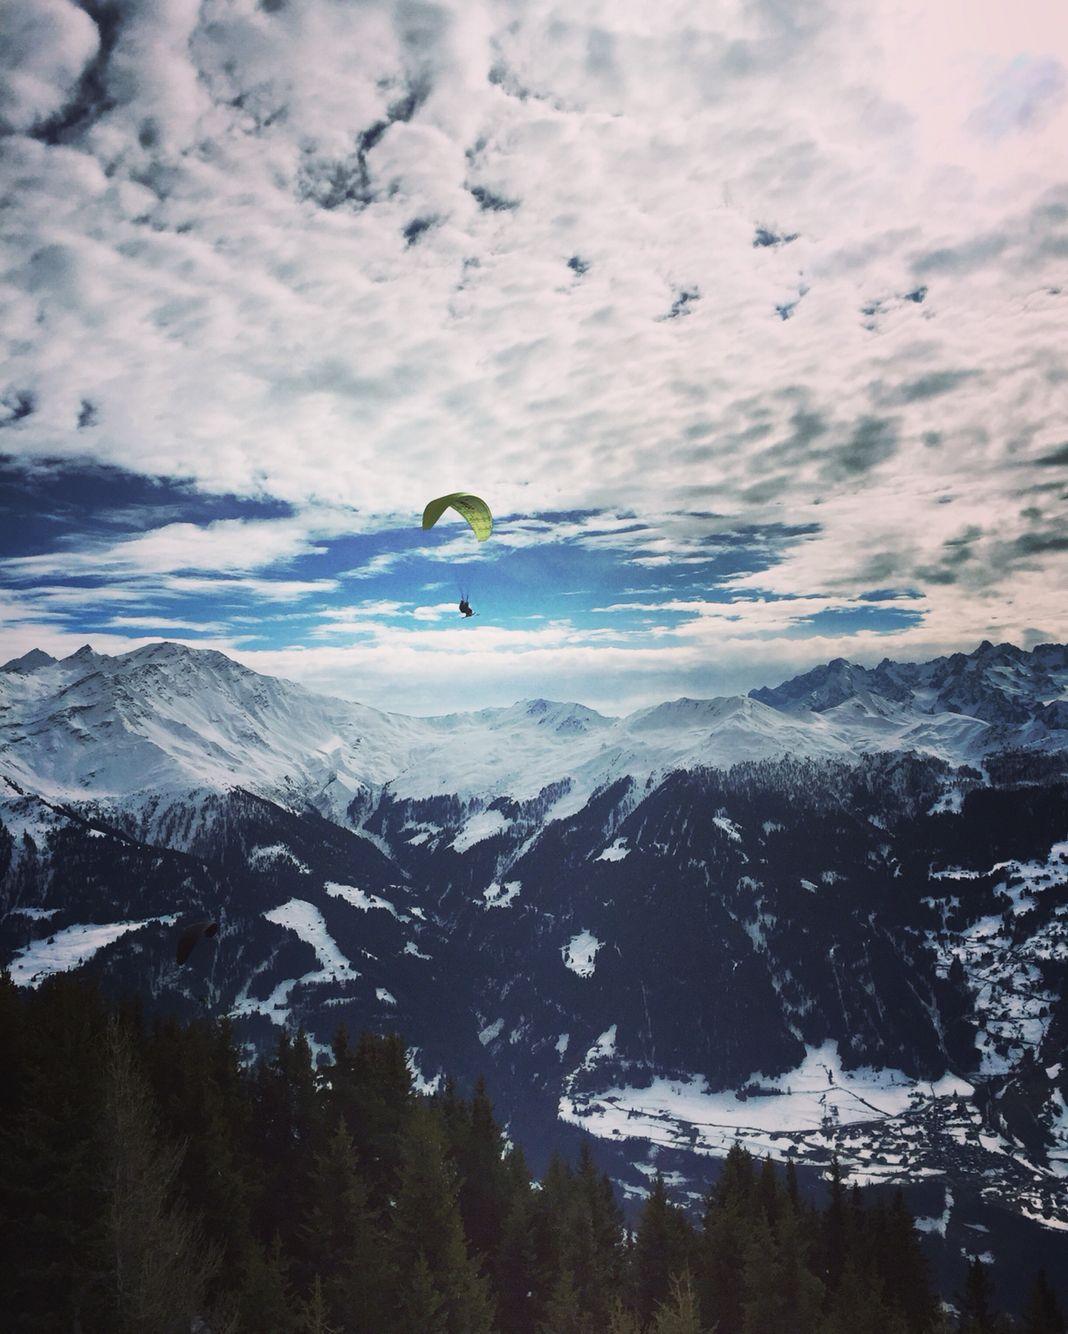 Flying high above Val de Bagnes un Verbier